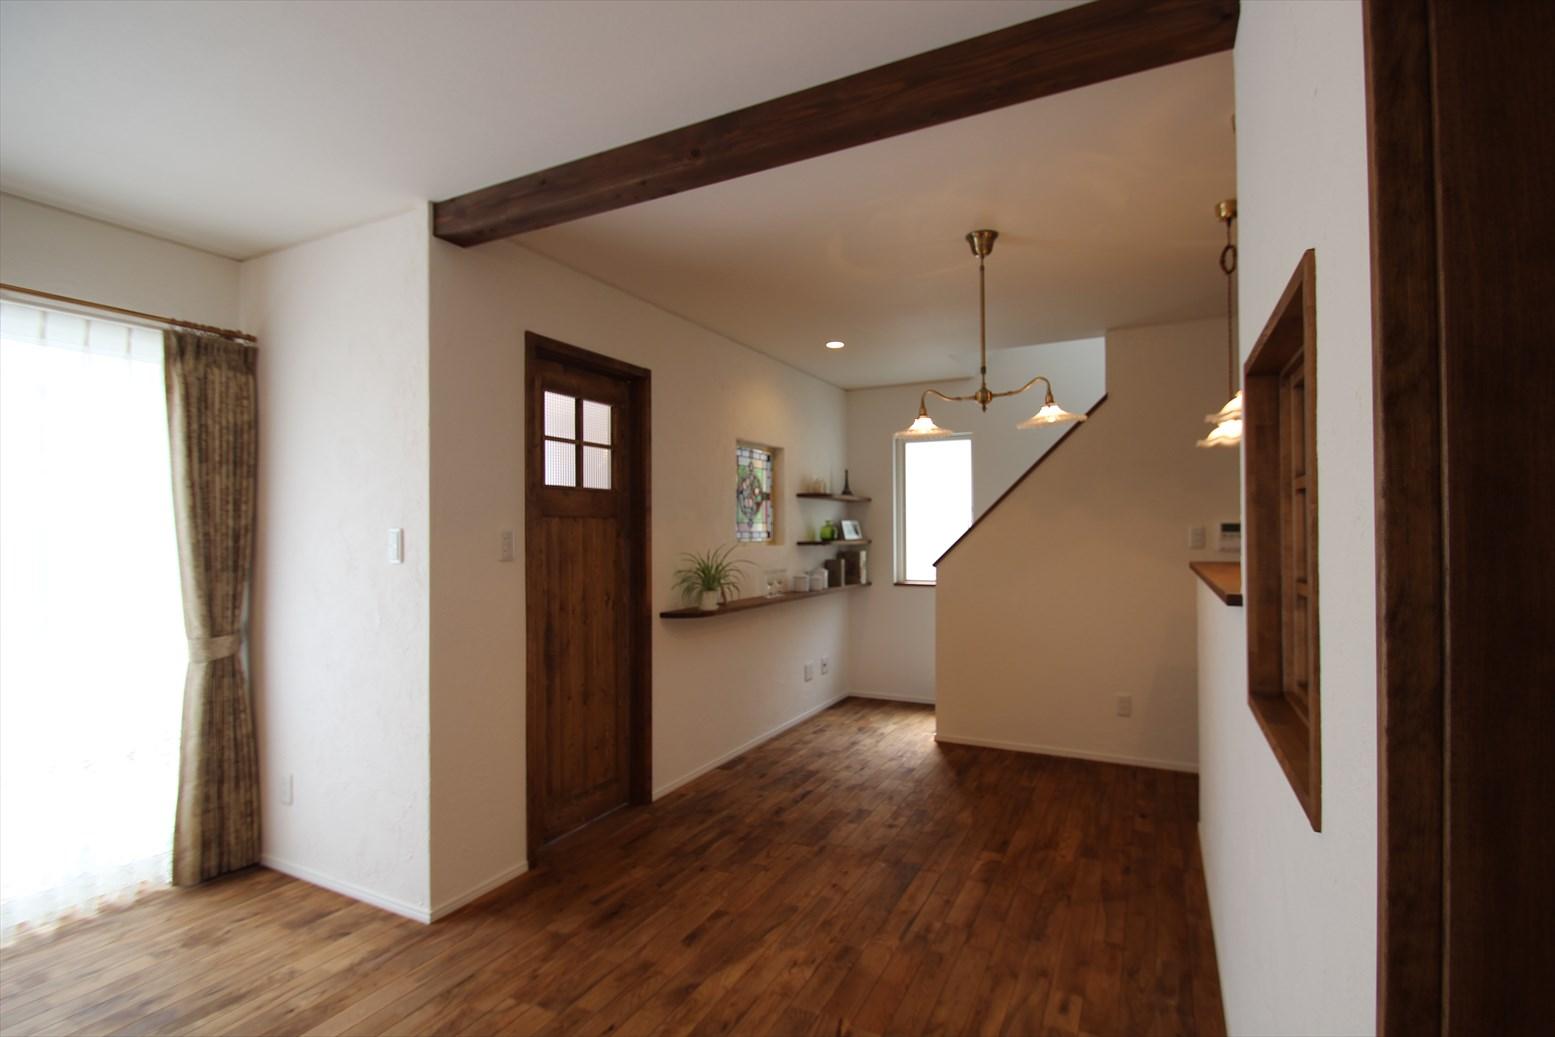 真っ白な漆喰に包まれた、箱型の家|石川県金沢市の注文住宅・デザイン性・新築の家・戸建て|E-HOUSE